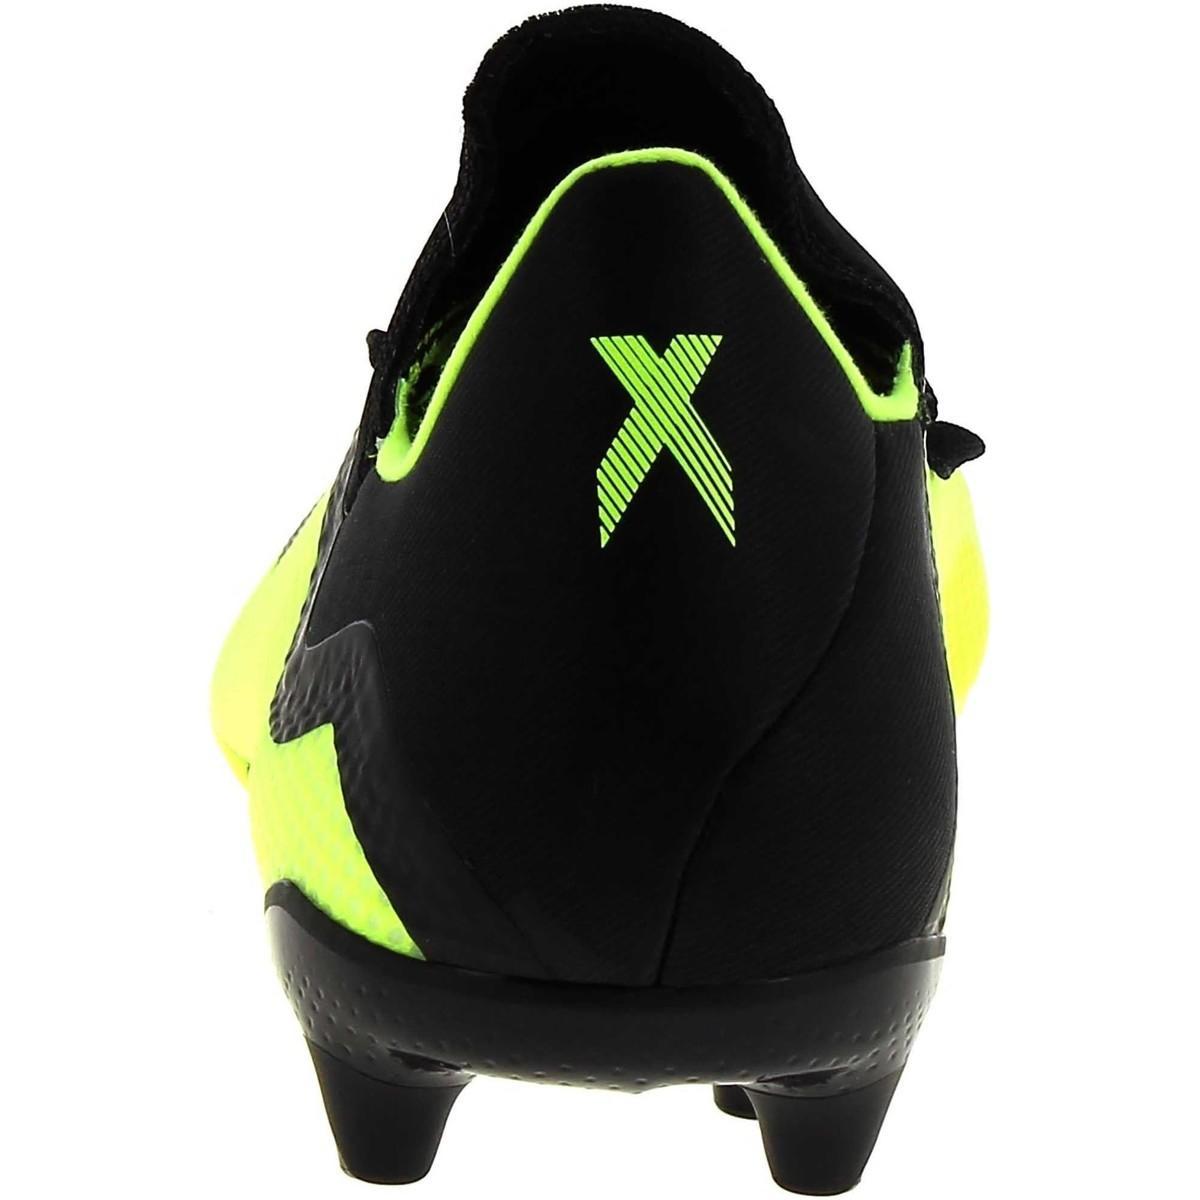 18 Chaussures X Hommes Foot De Fg En Verde Fluo 3 Scarpini Lyst fg7by6